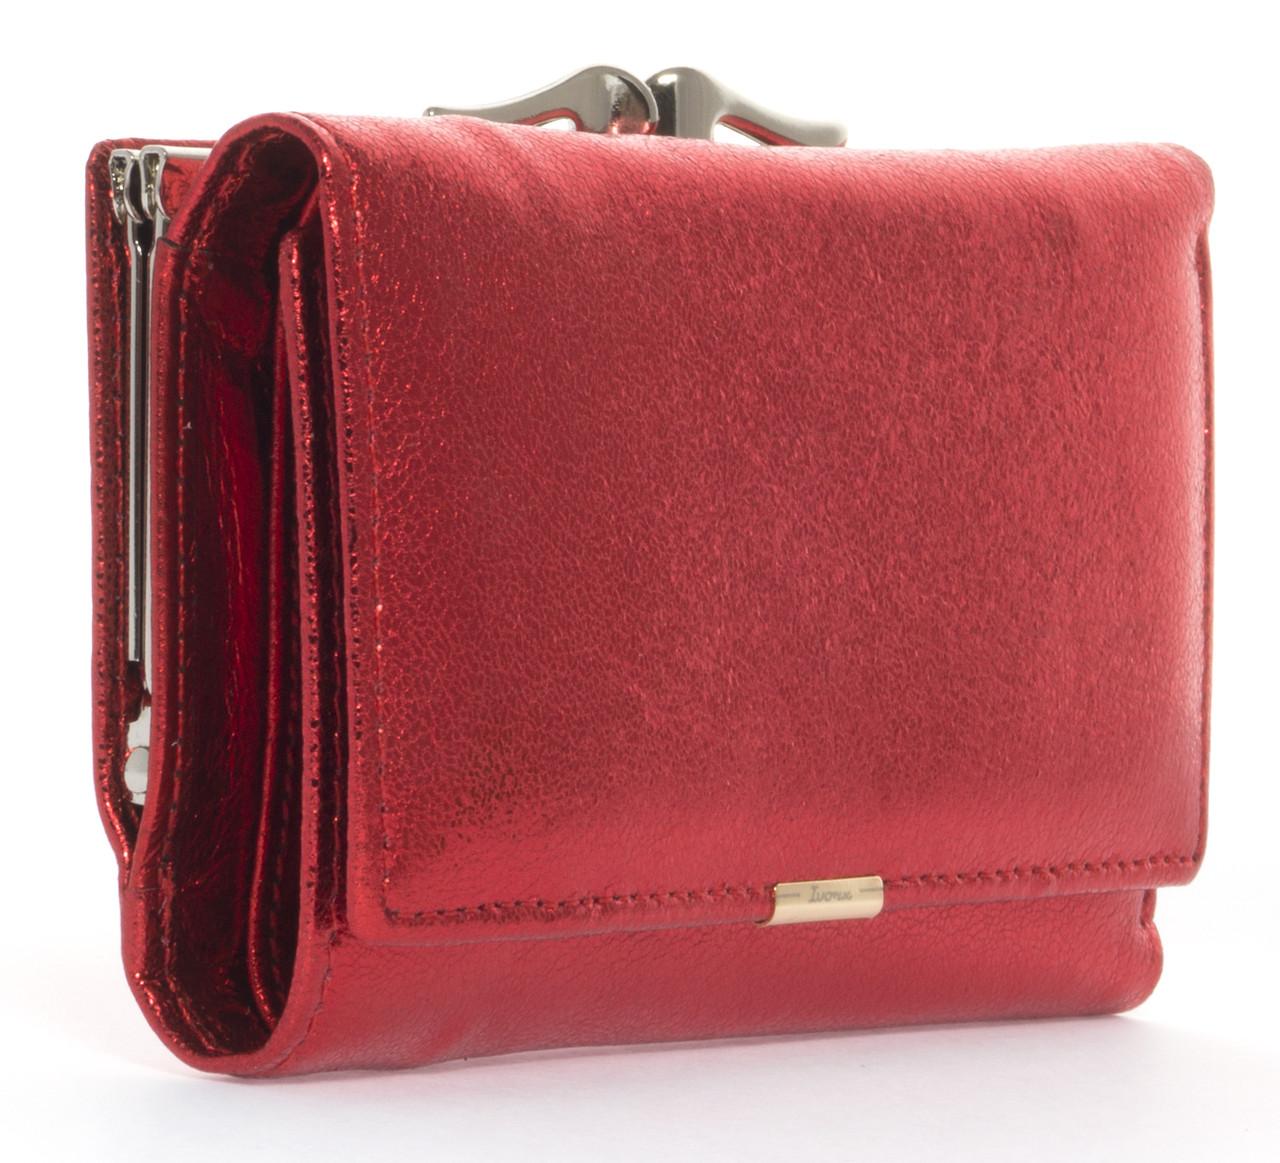 a6f5420e7bc4 Классический компактный женский кожаный кошелек с мягкой кожи высокого  качества ...